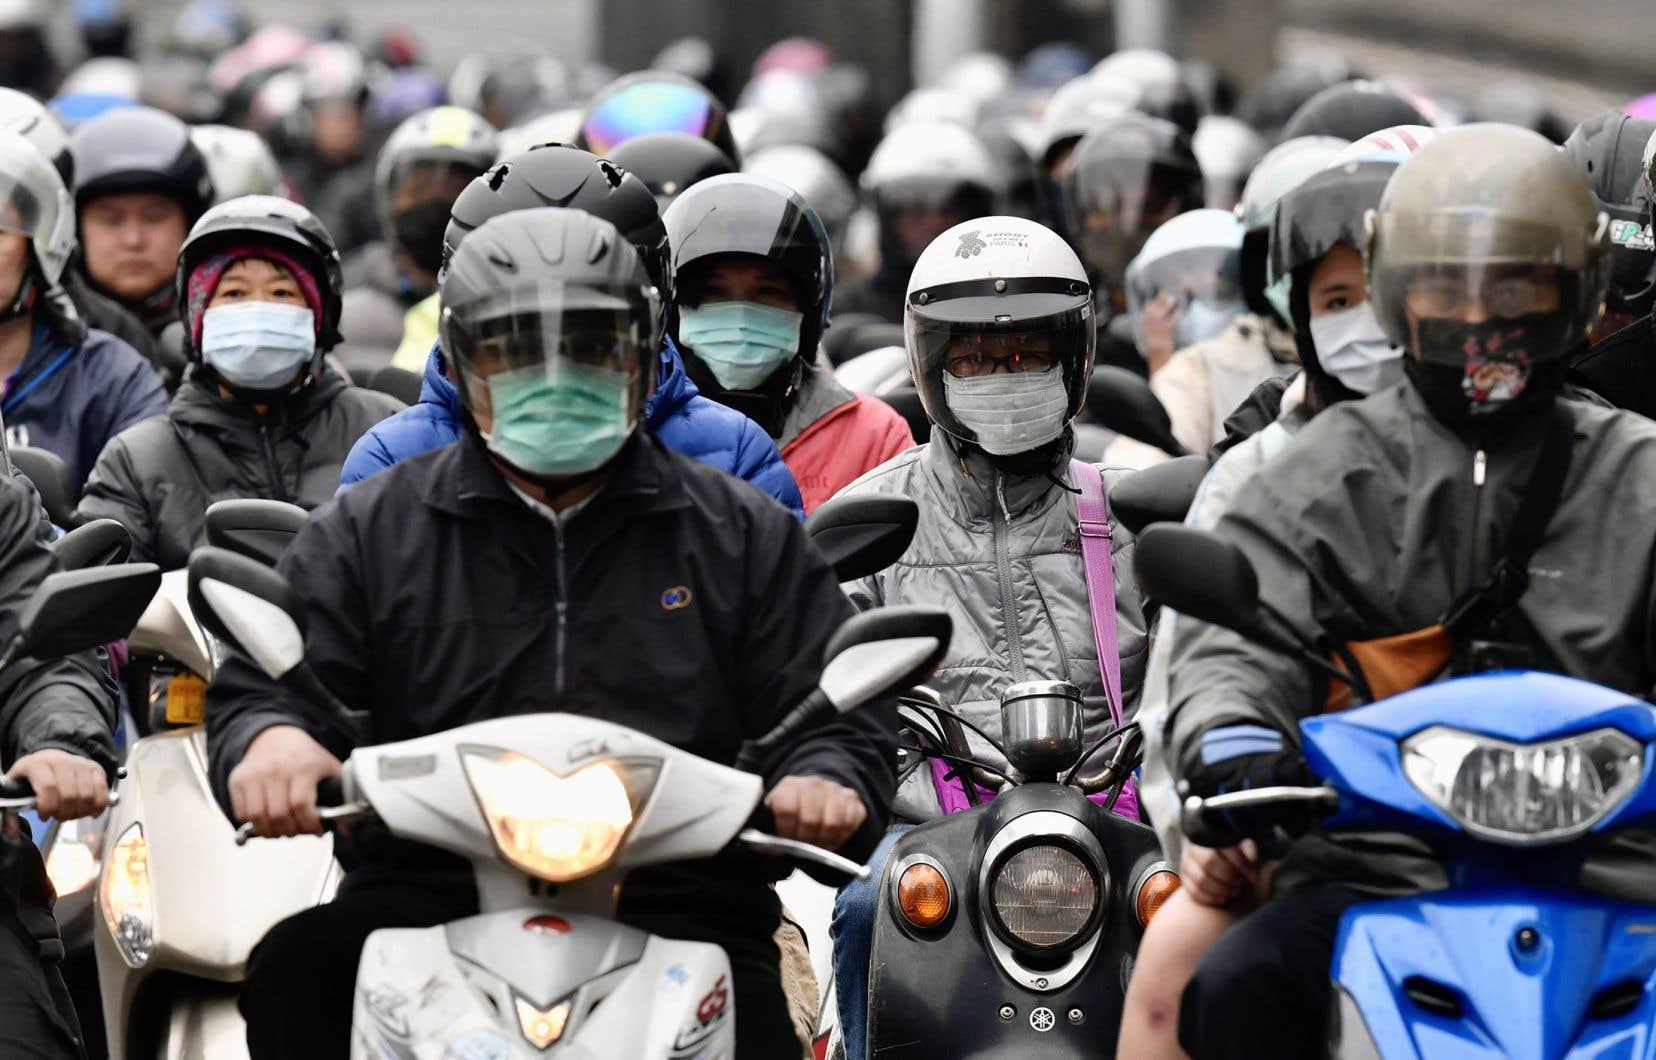 «À Taïwan, les jeunes étudient, les adultes travaillent, mais tout le monde porte le masque en dehors de la maison, et bien sûr suit scrupuleusement les règles du lavage des mains», relate l'auteure.